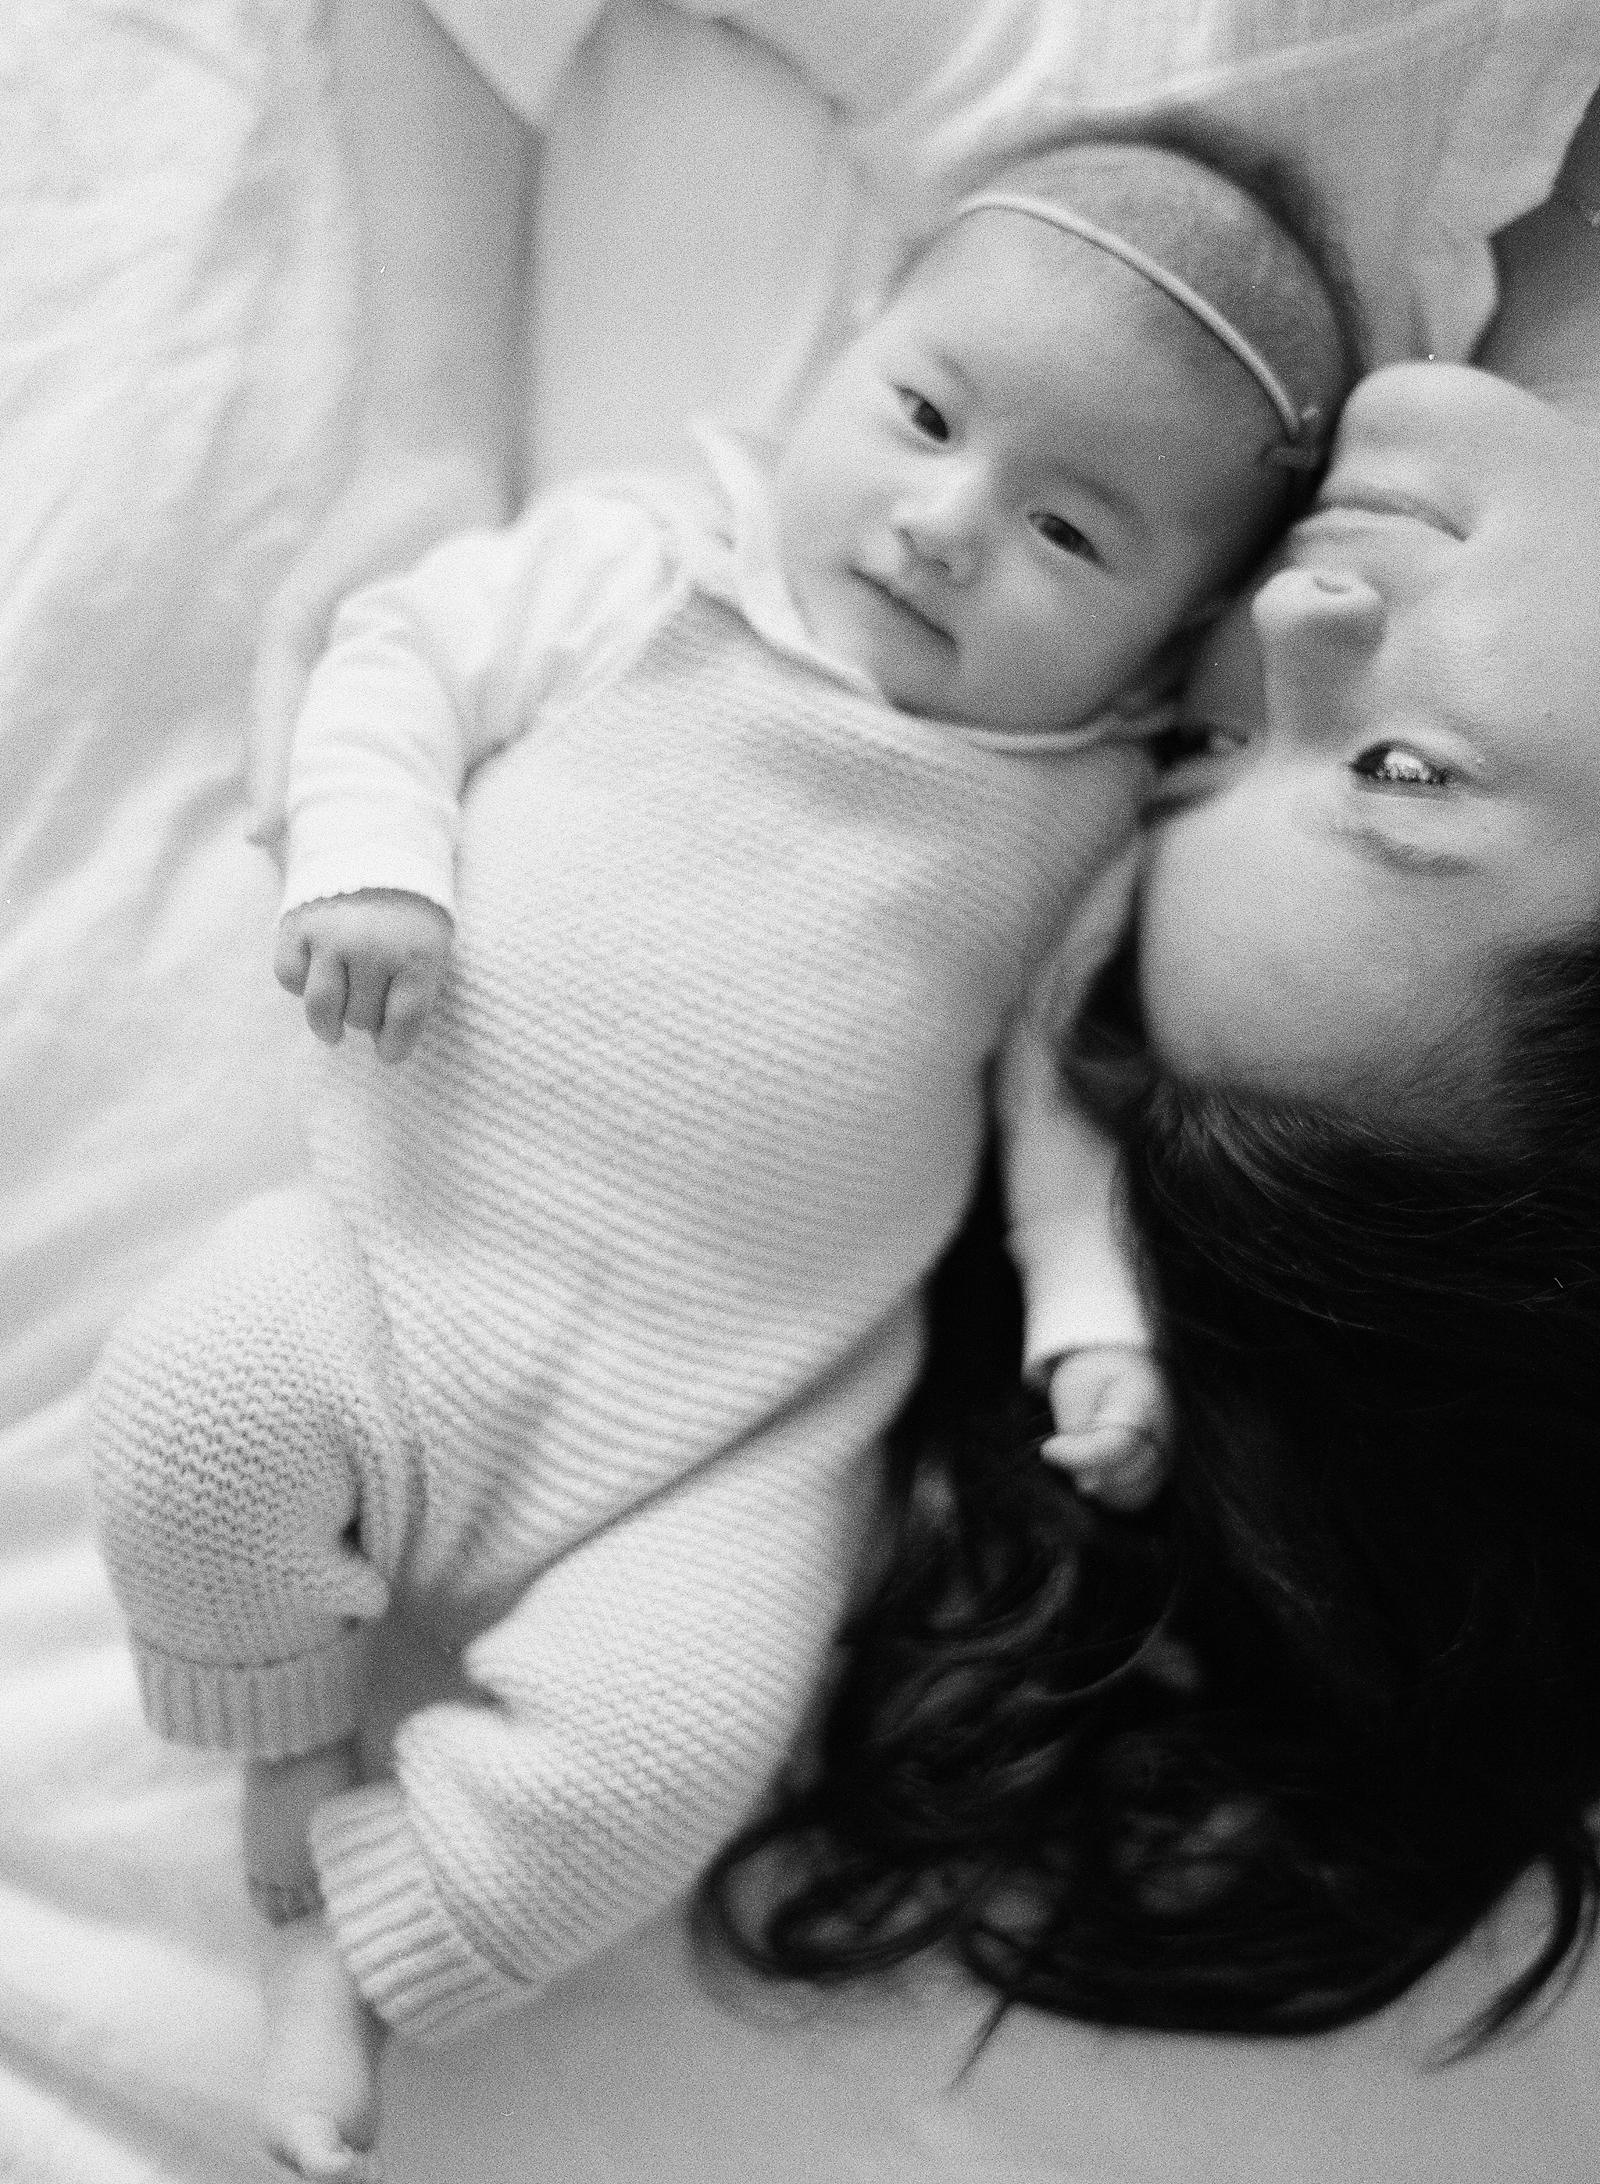 Pasadena_Newborn_Photos-17-Jen_Huang-000010760011.jpg